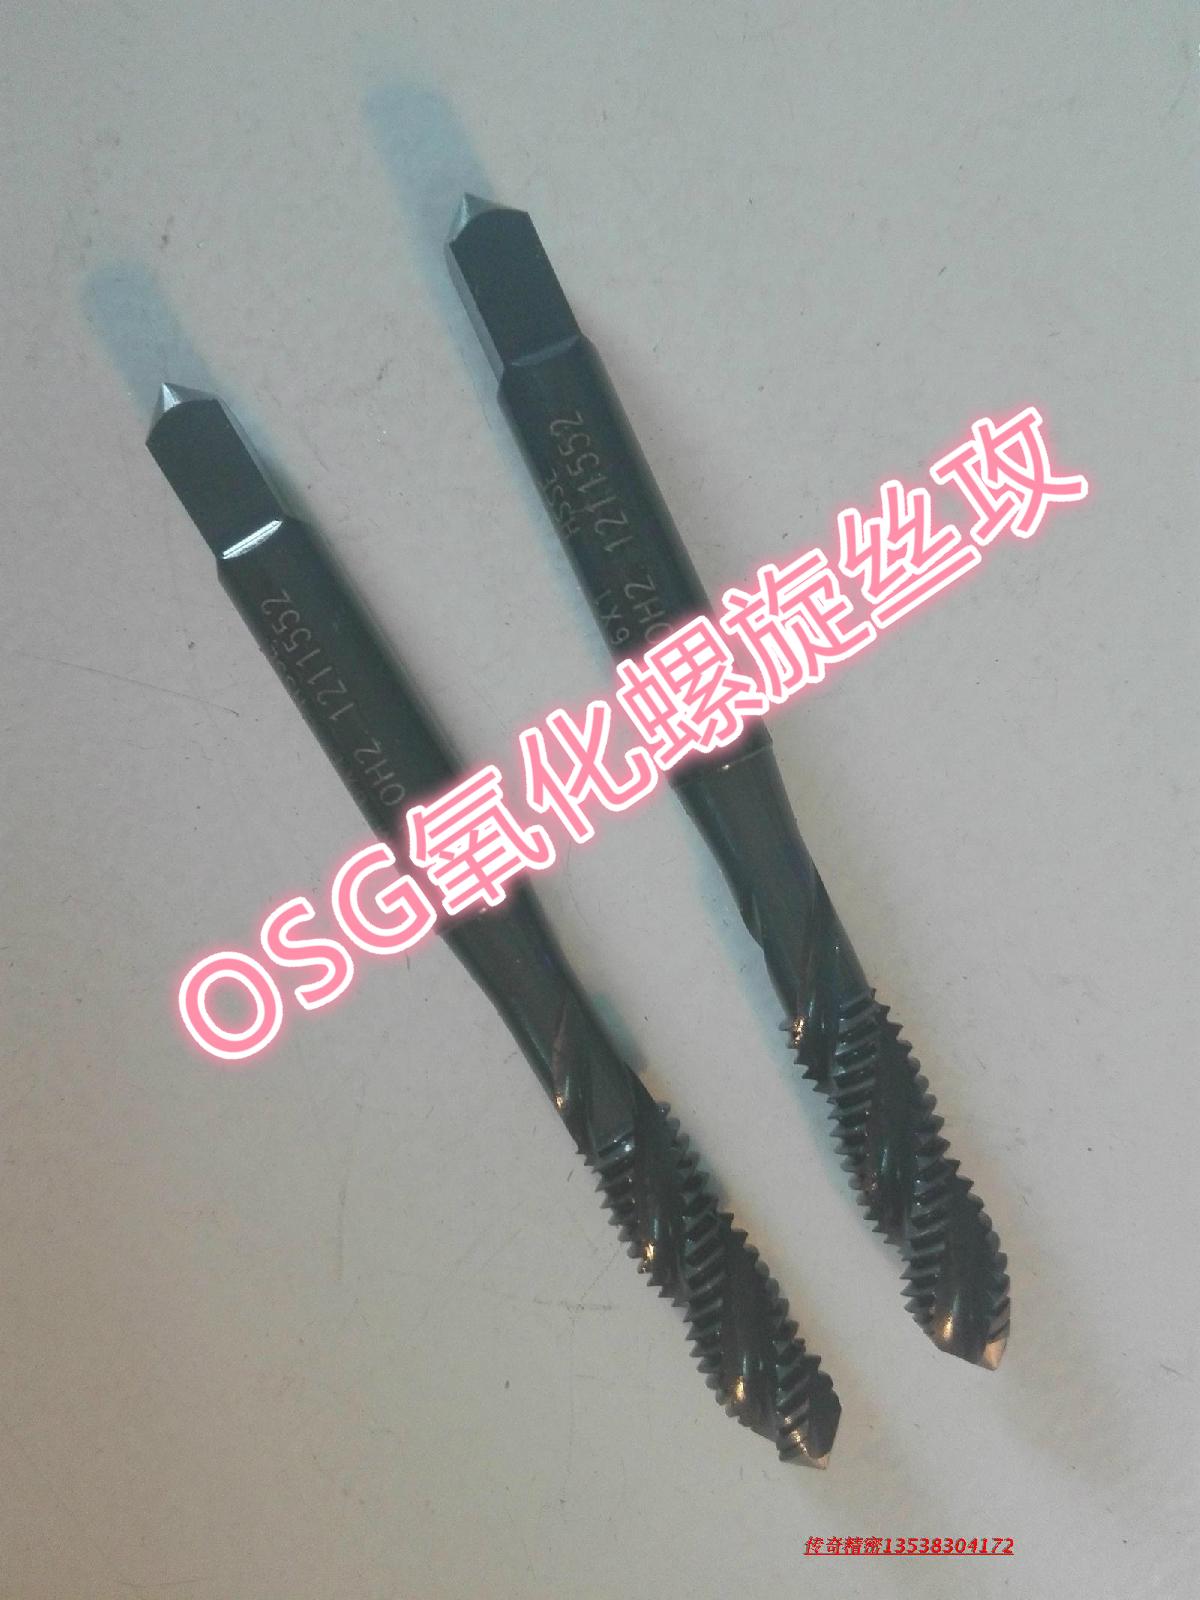 Japan OSG 10-24/326-32 American black Spiral Tap Tap 8-321/4-202-56 oxidation